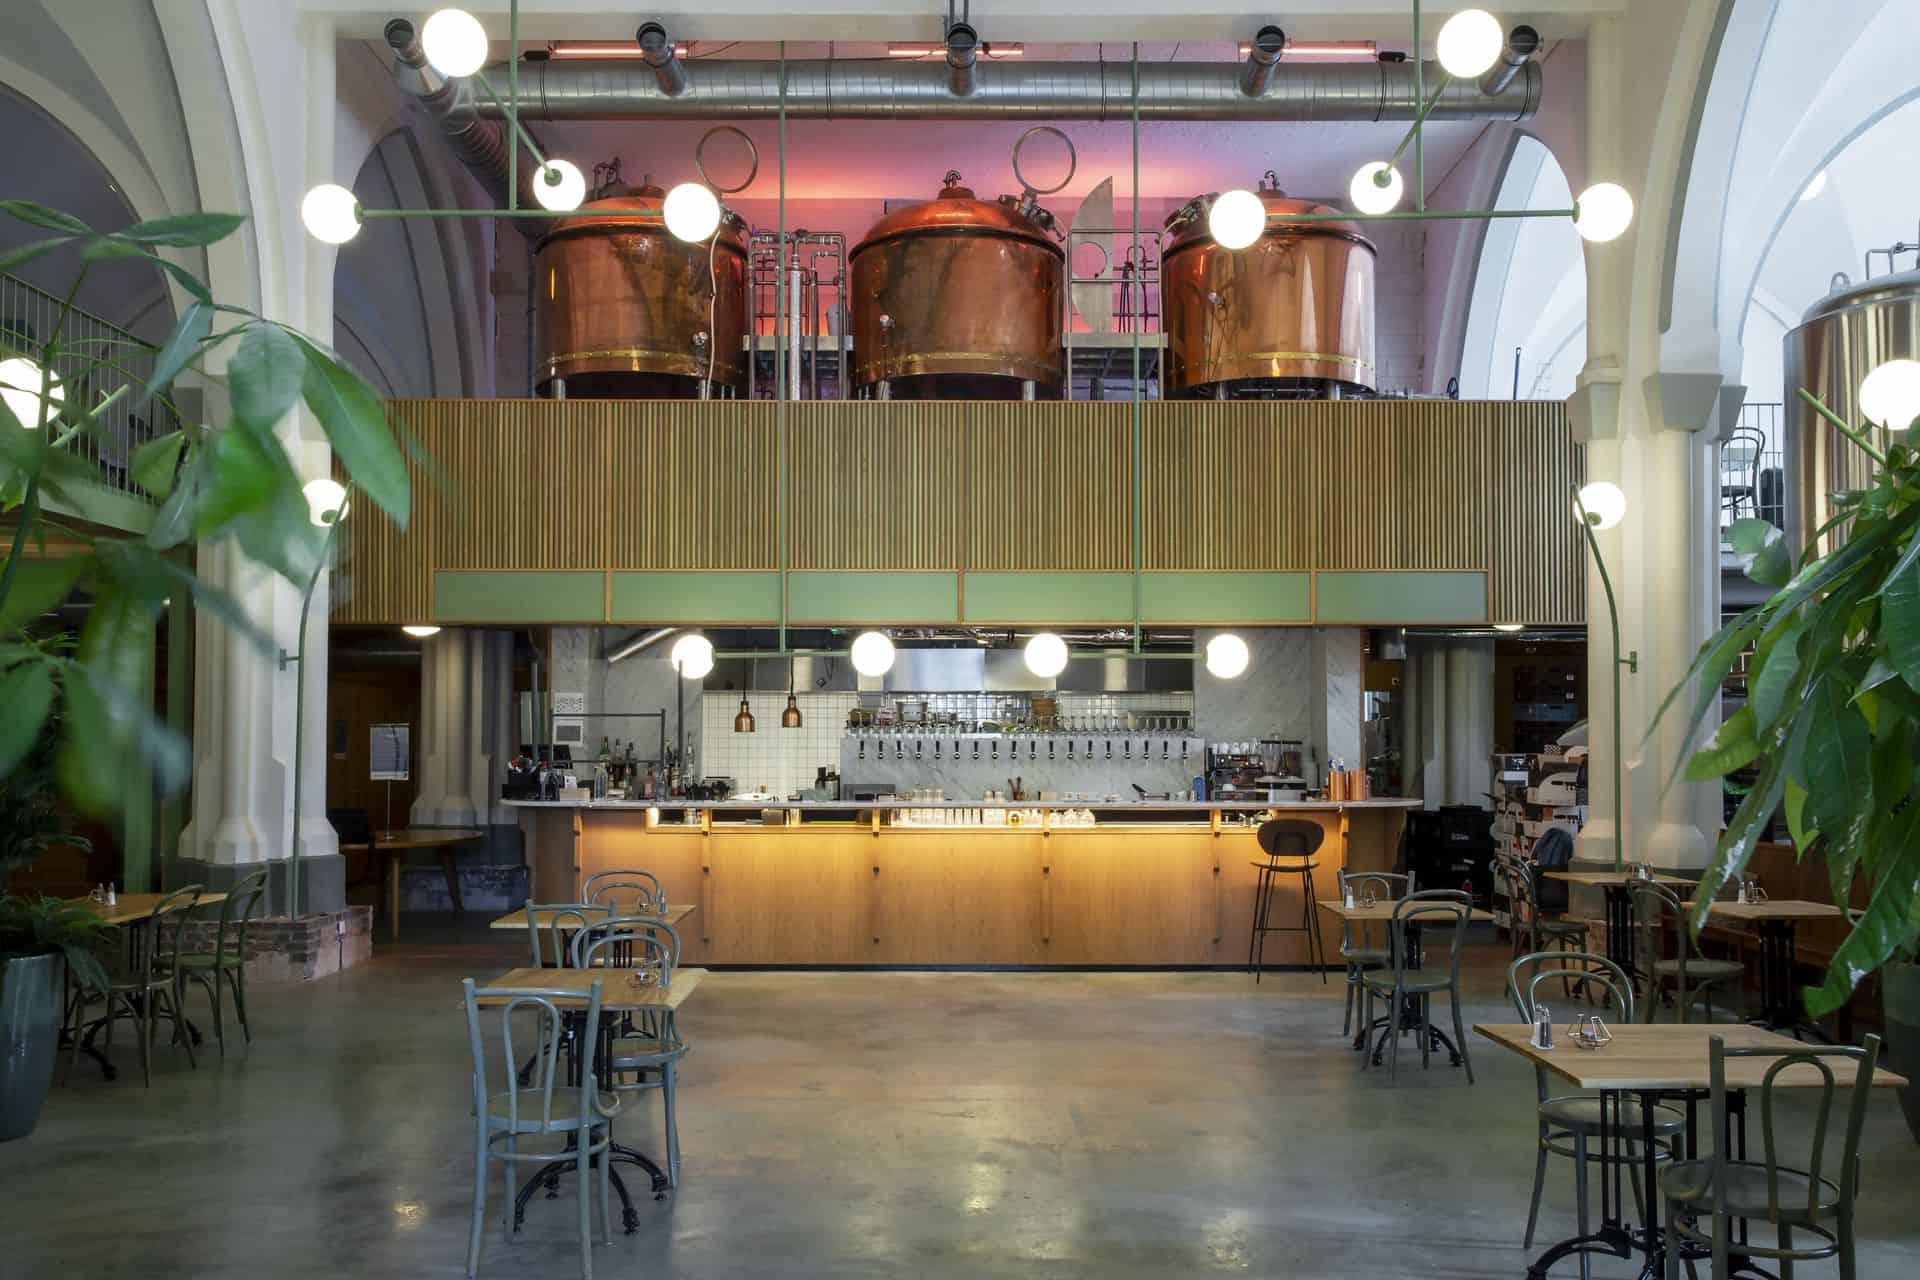 gevlinderde betonvloer, Bierbrouwerijvloer